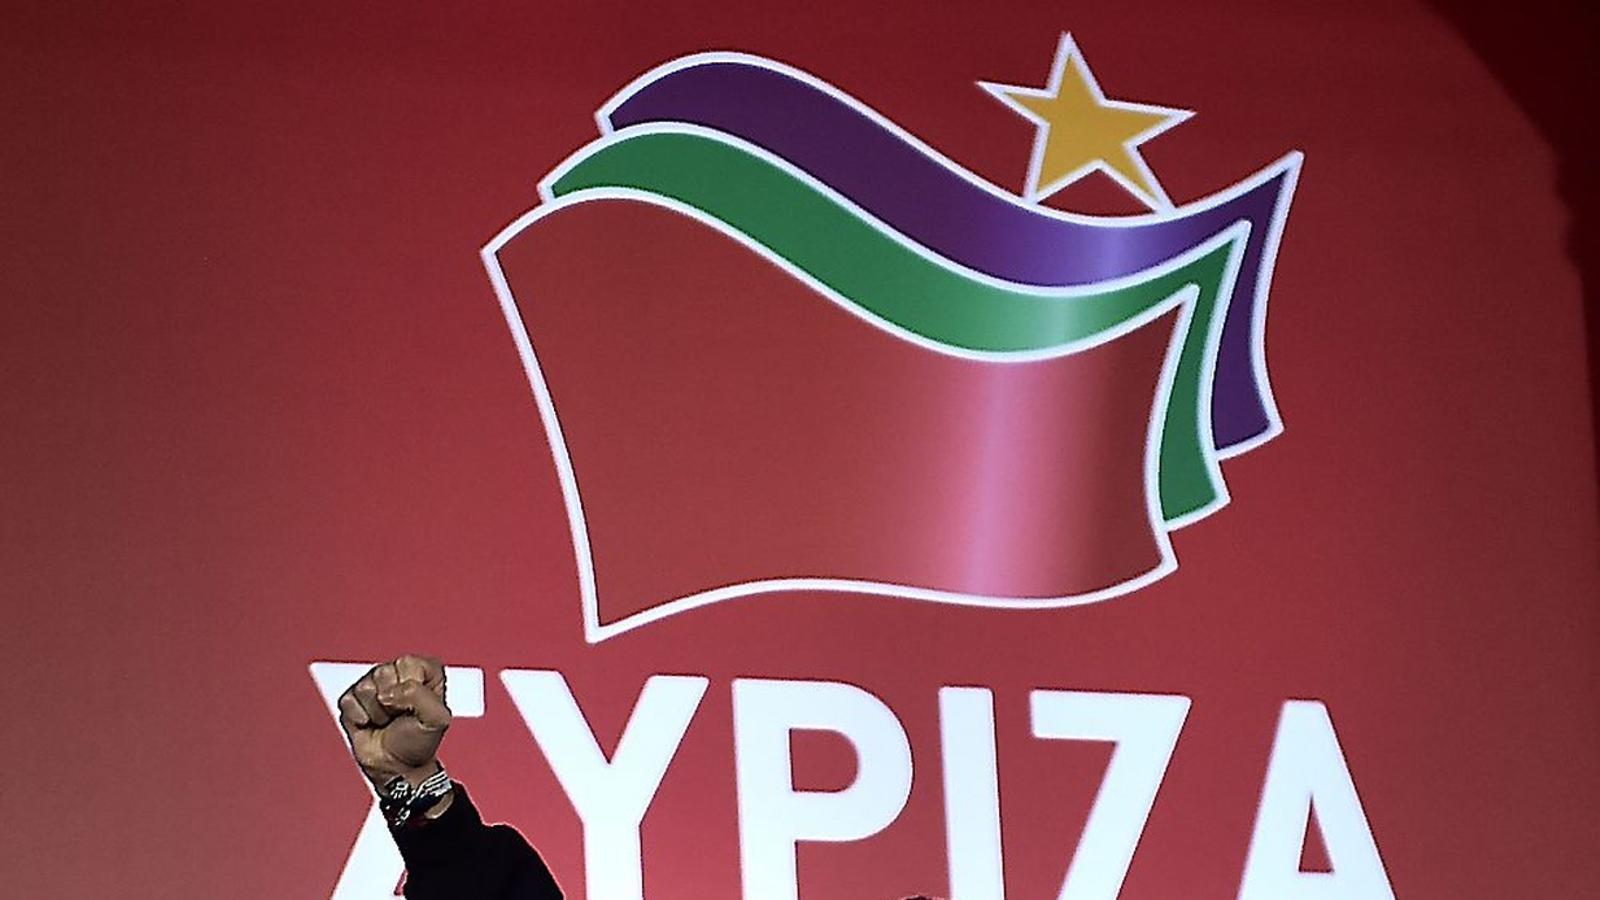 La temptació de Syriza i Podem